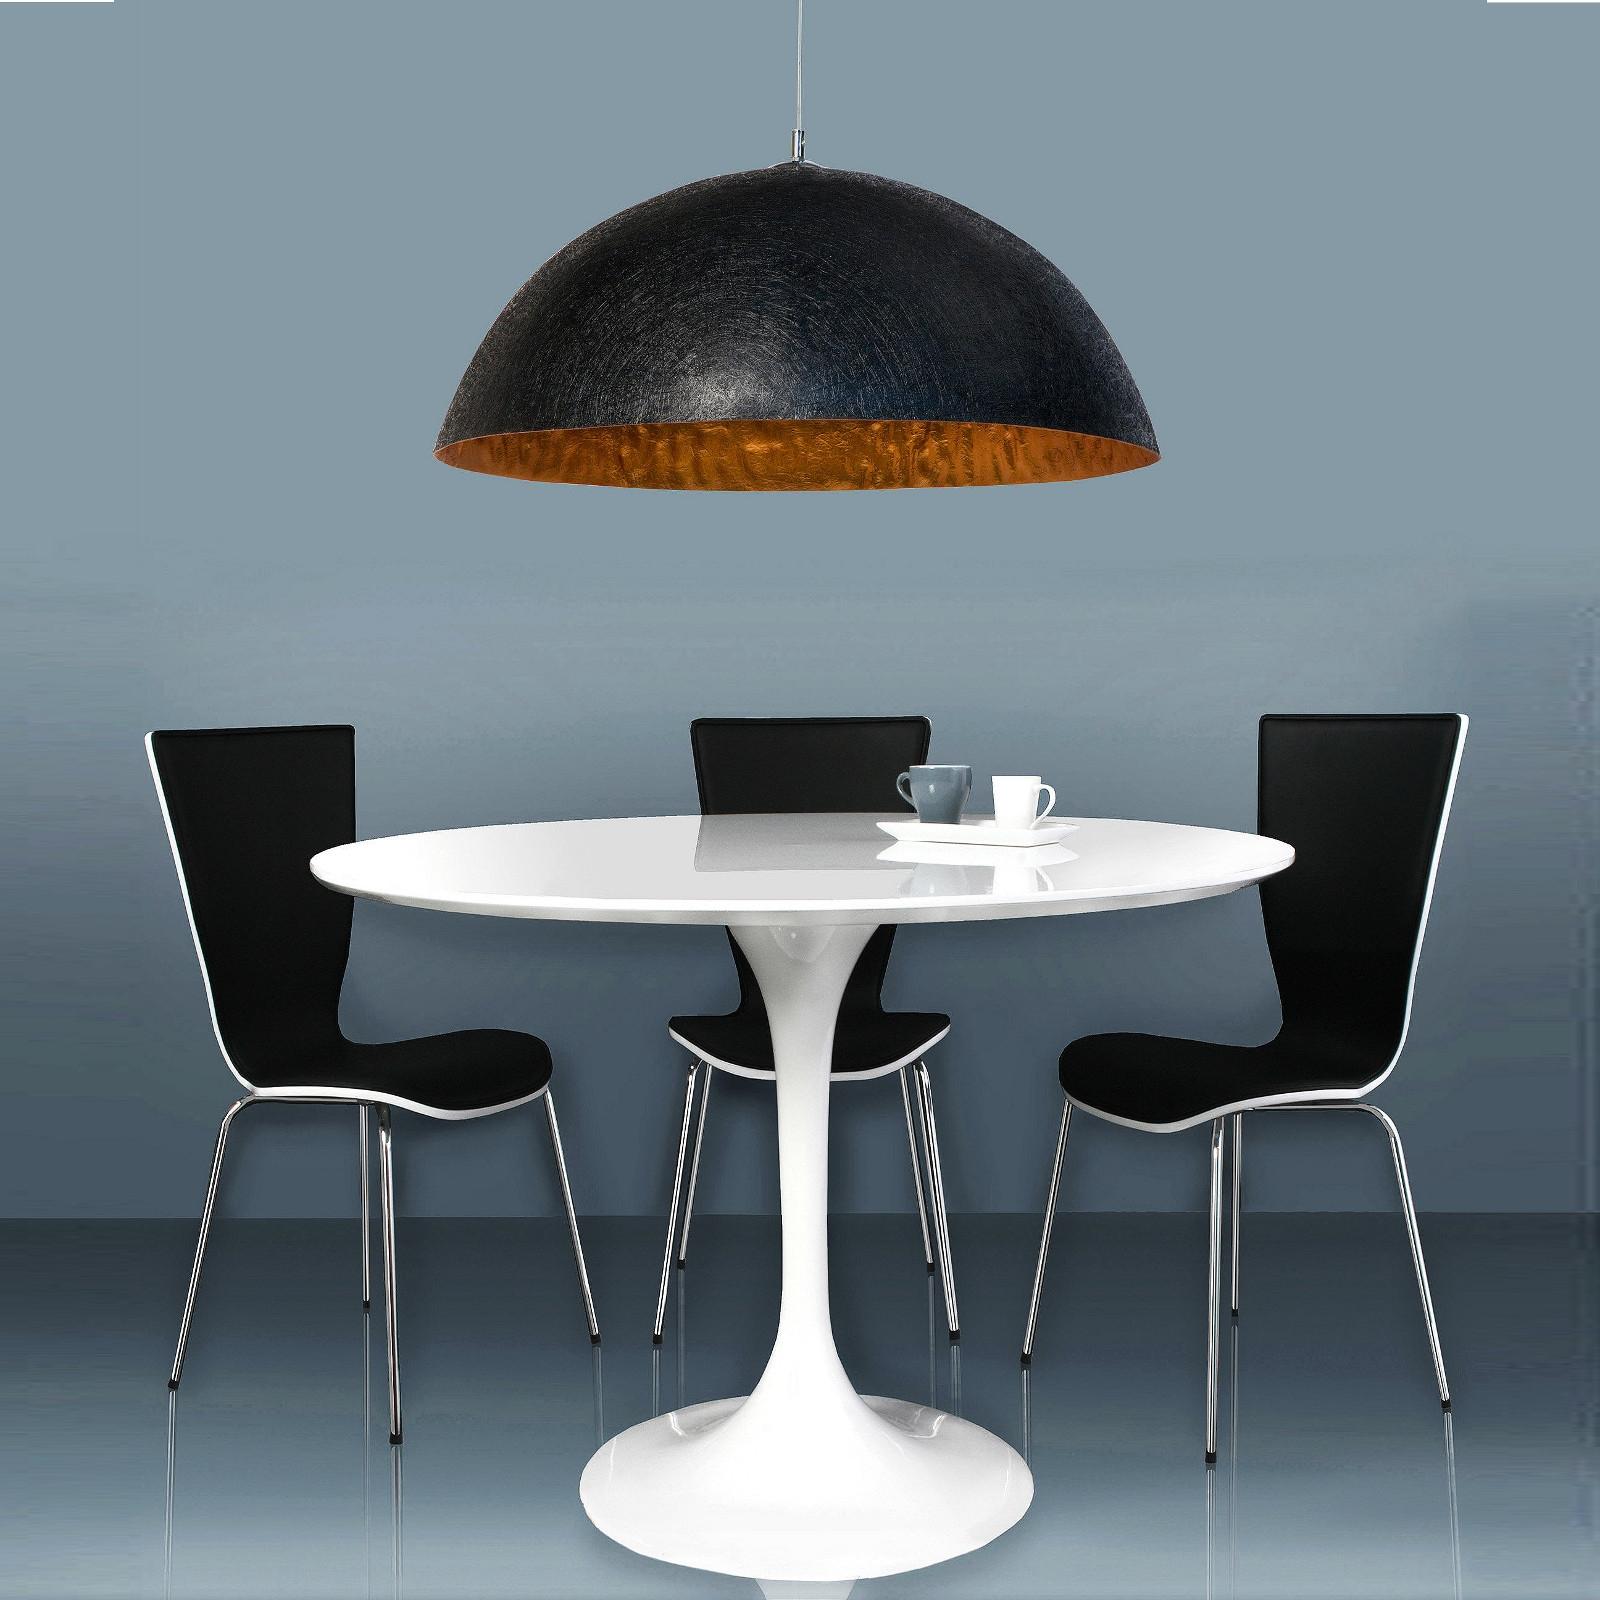 designer h ngeleuchte moonrise 50cm schwarz gold h ngelampe pendelleuchte ebay. Black Bedroom Furniture Sets. Home Design Ideas